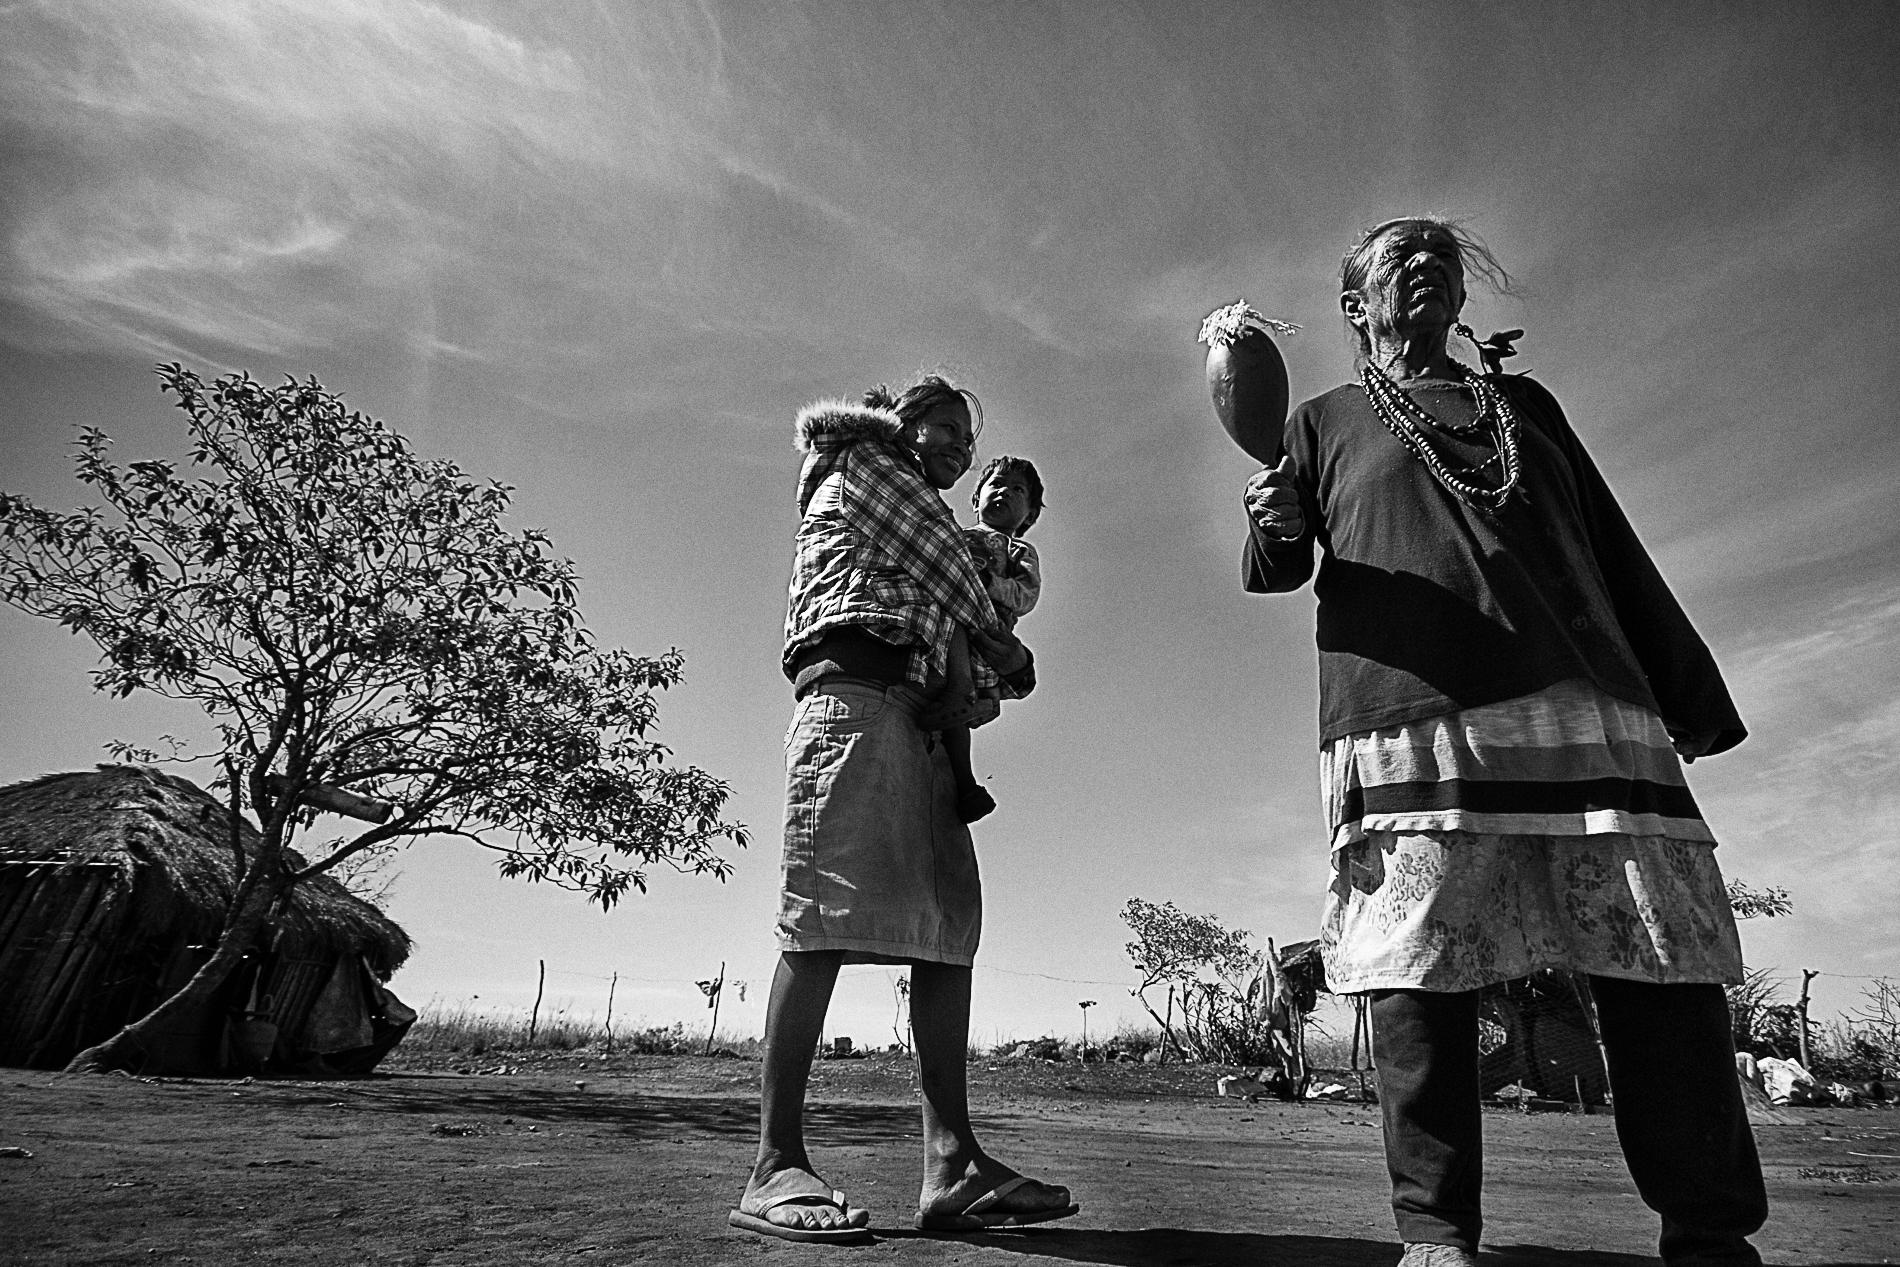 Terra Indígena Guyraroká no Mato Grosso do Sul teve a portaria declaratória suspensa em 2014 pelo STF (Foto: Ana Mendes/2016/Amazônia  Real)